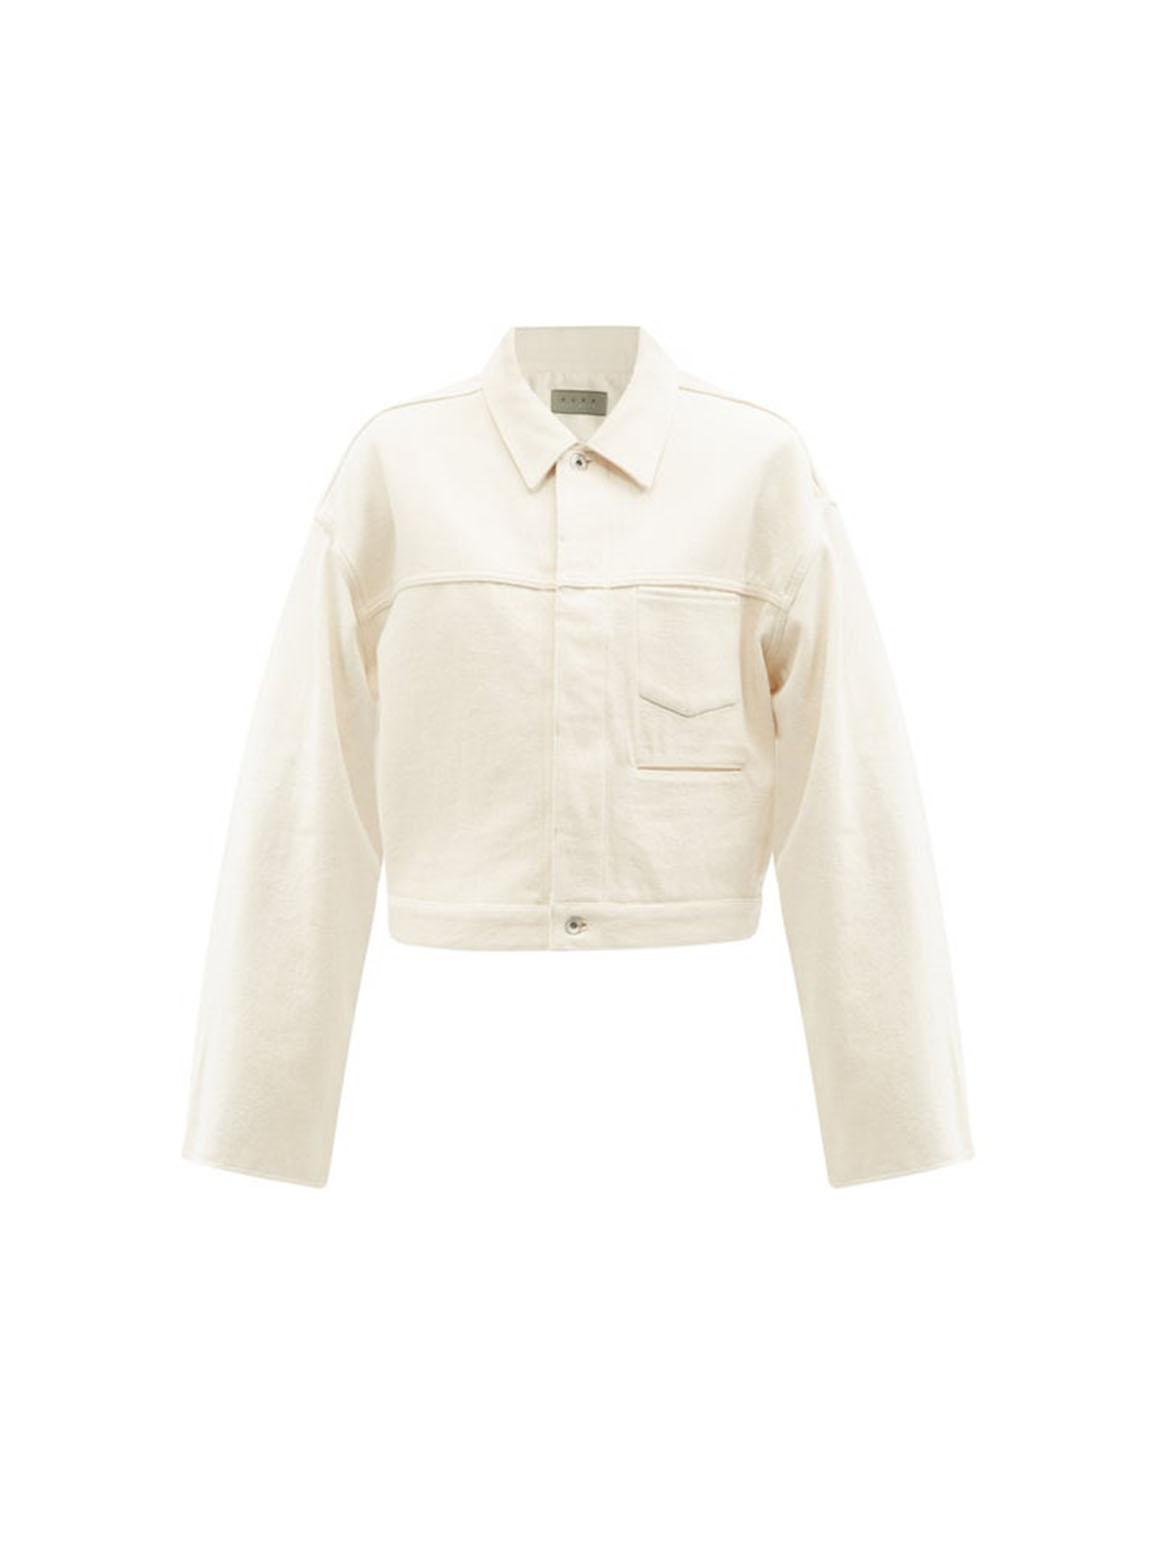 Chore denim jacket